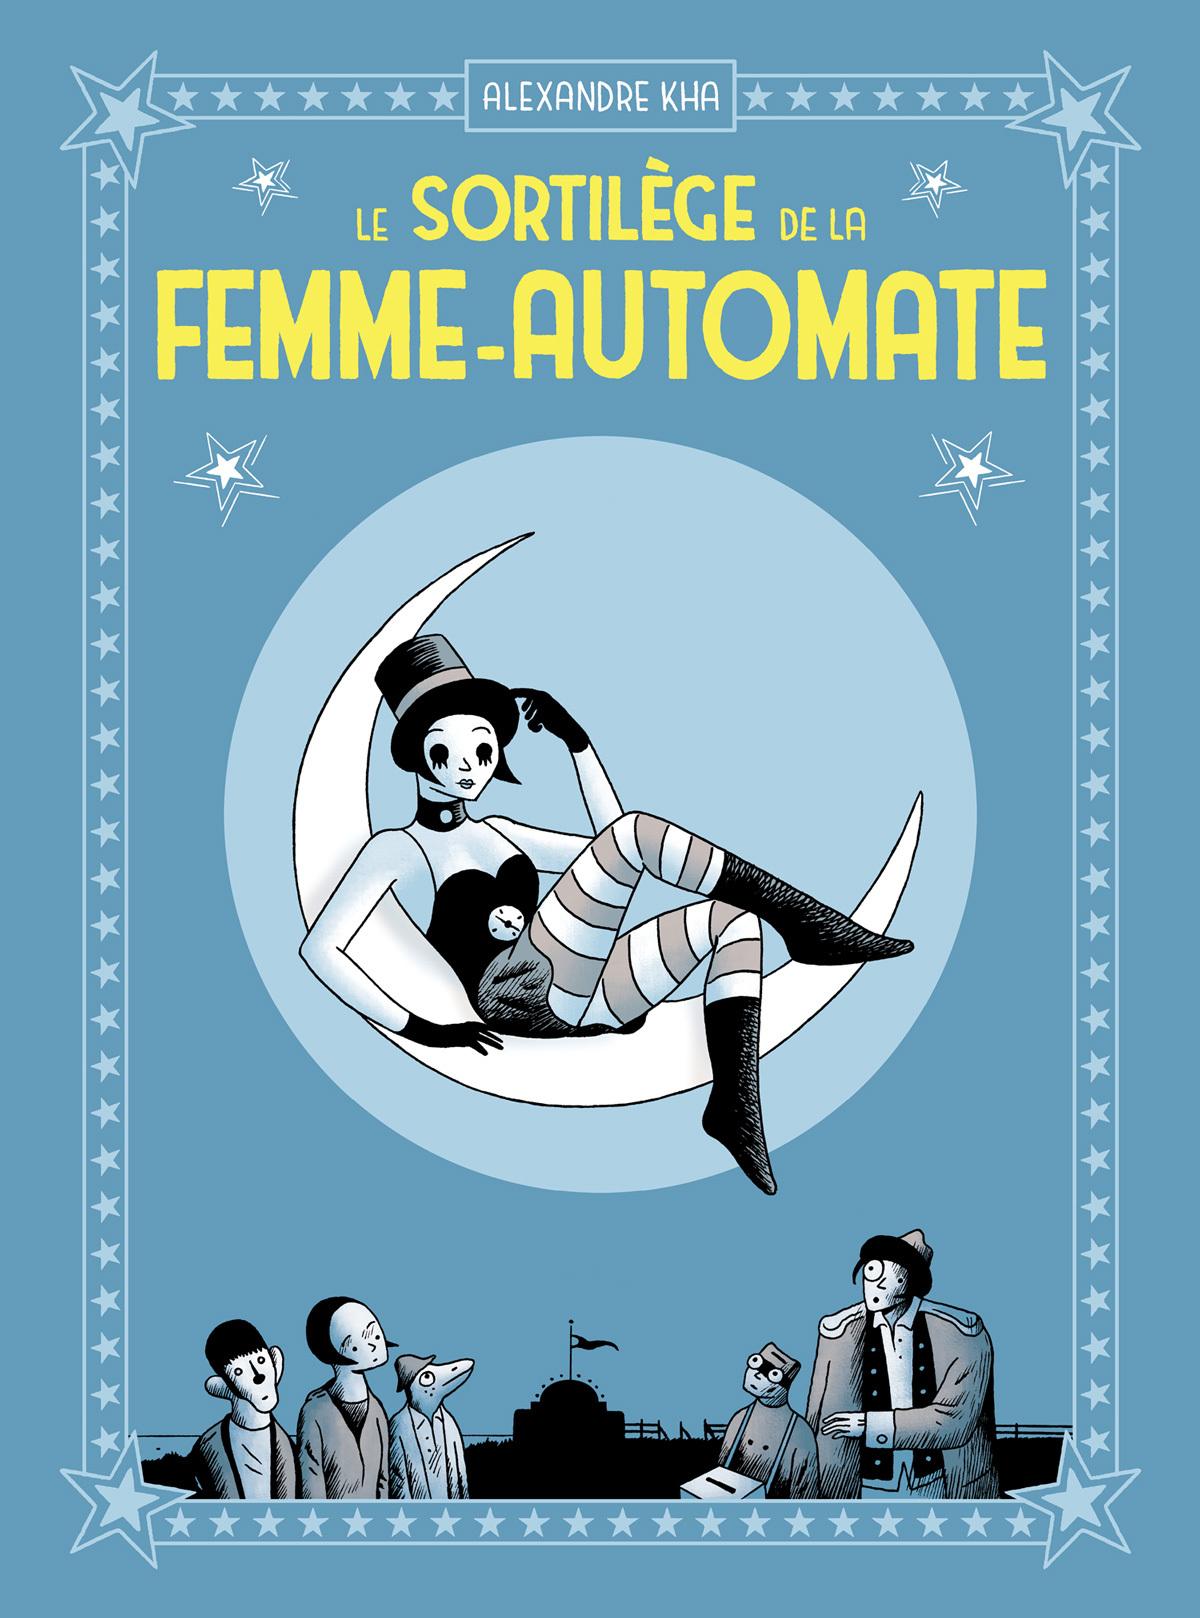 LE SORTILEGE DE LA FEMME-AUTOMATE